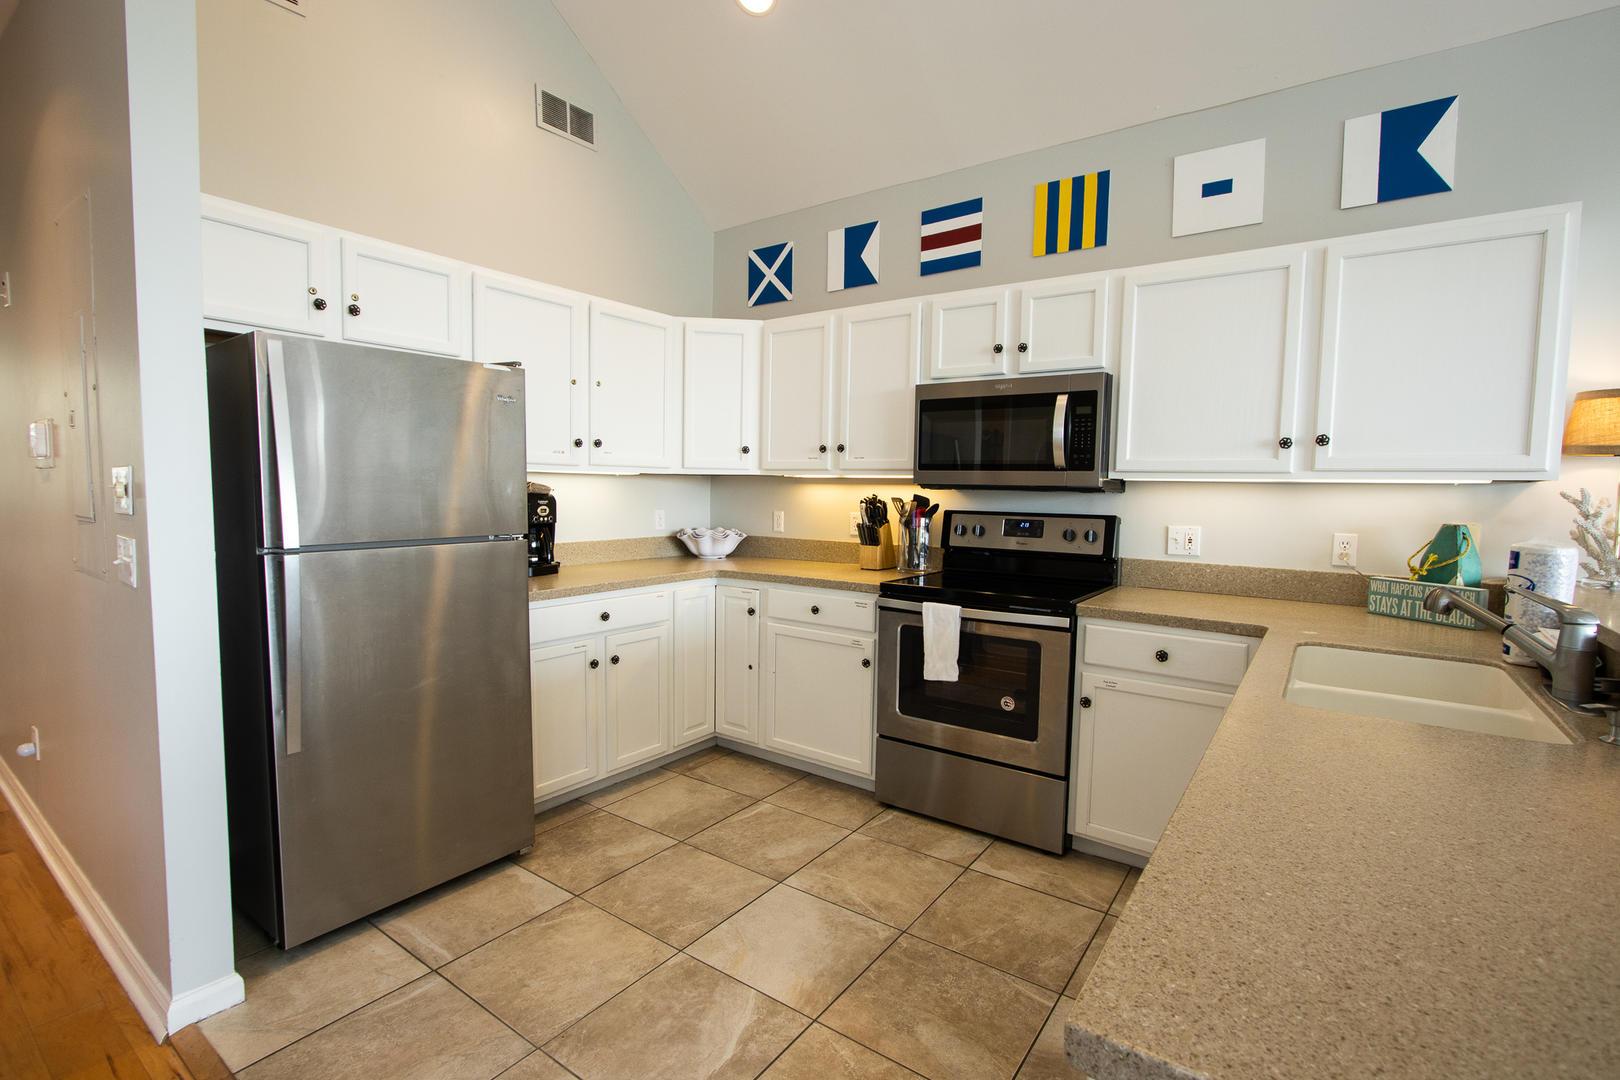 Kitchen, 2nd floor, coffee pot, 1/2 bath